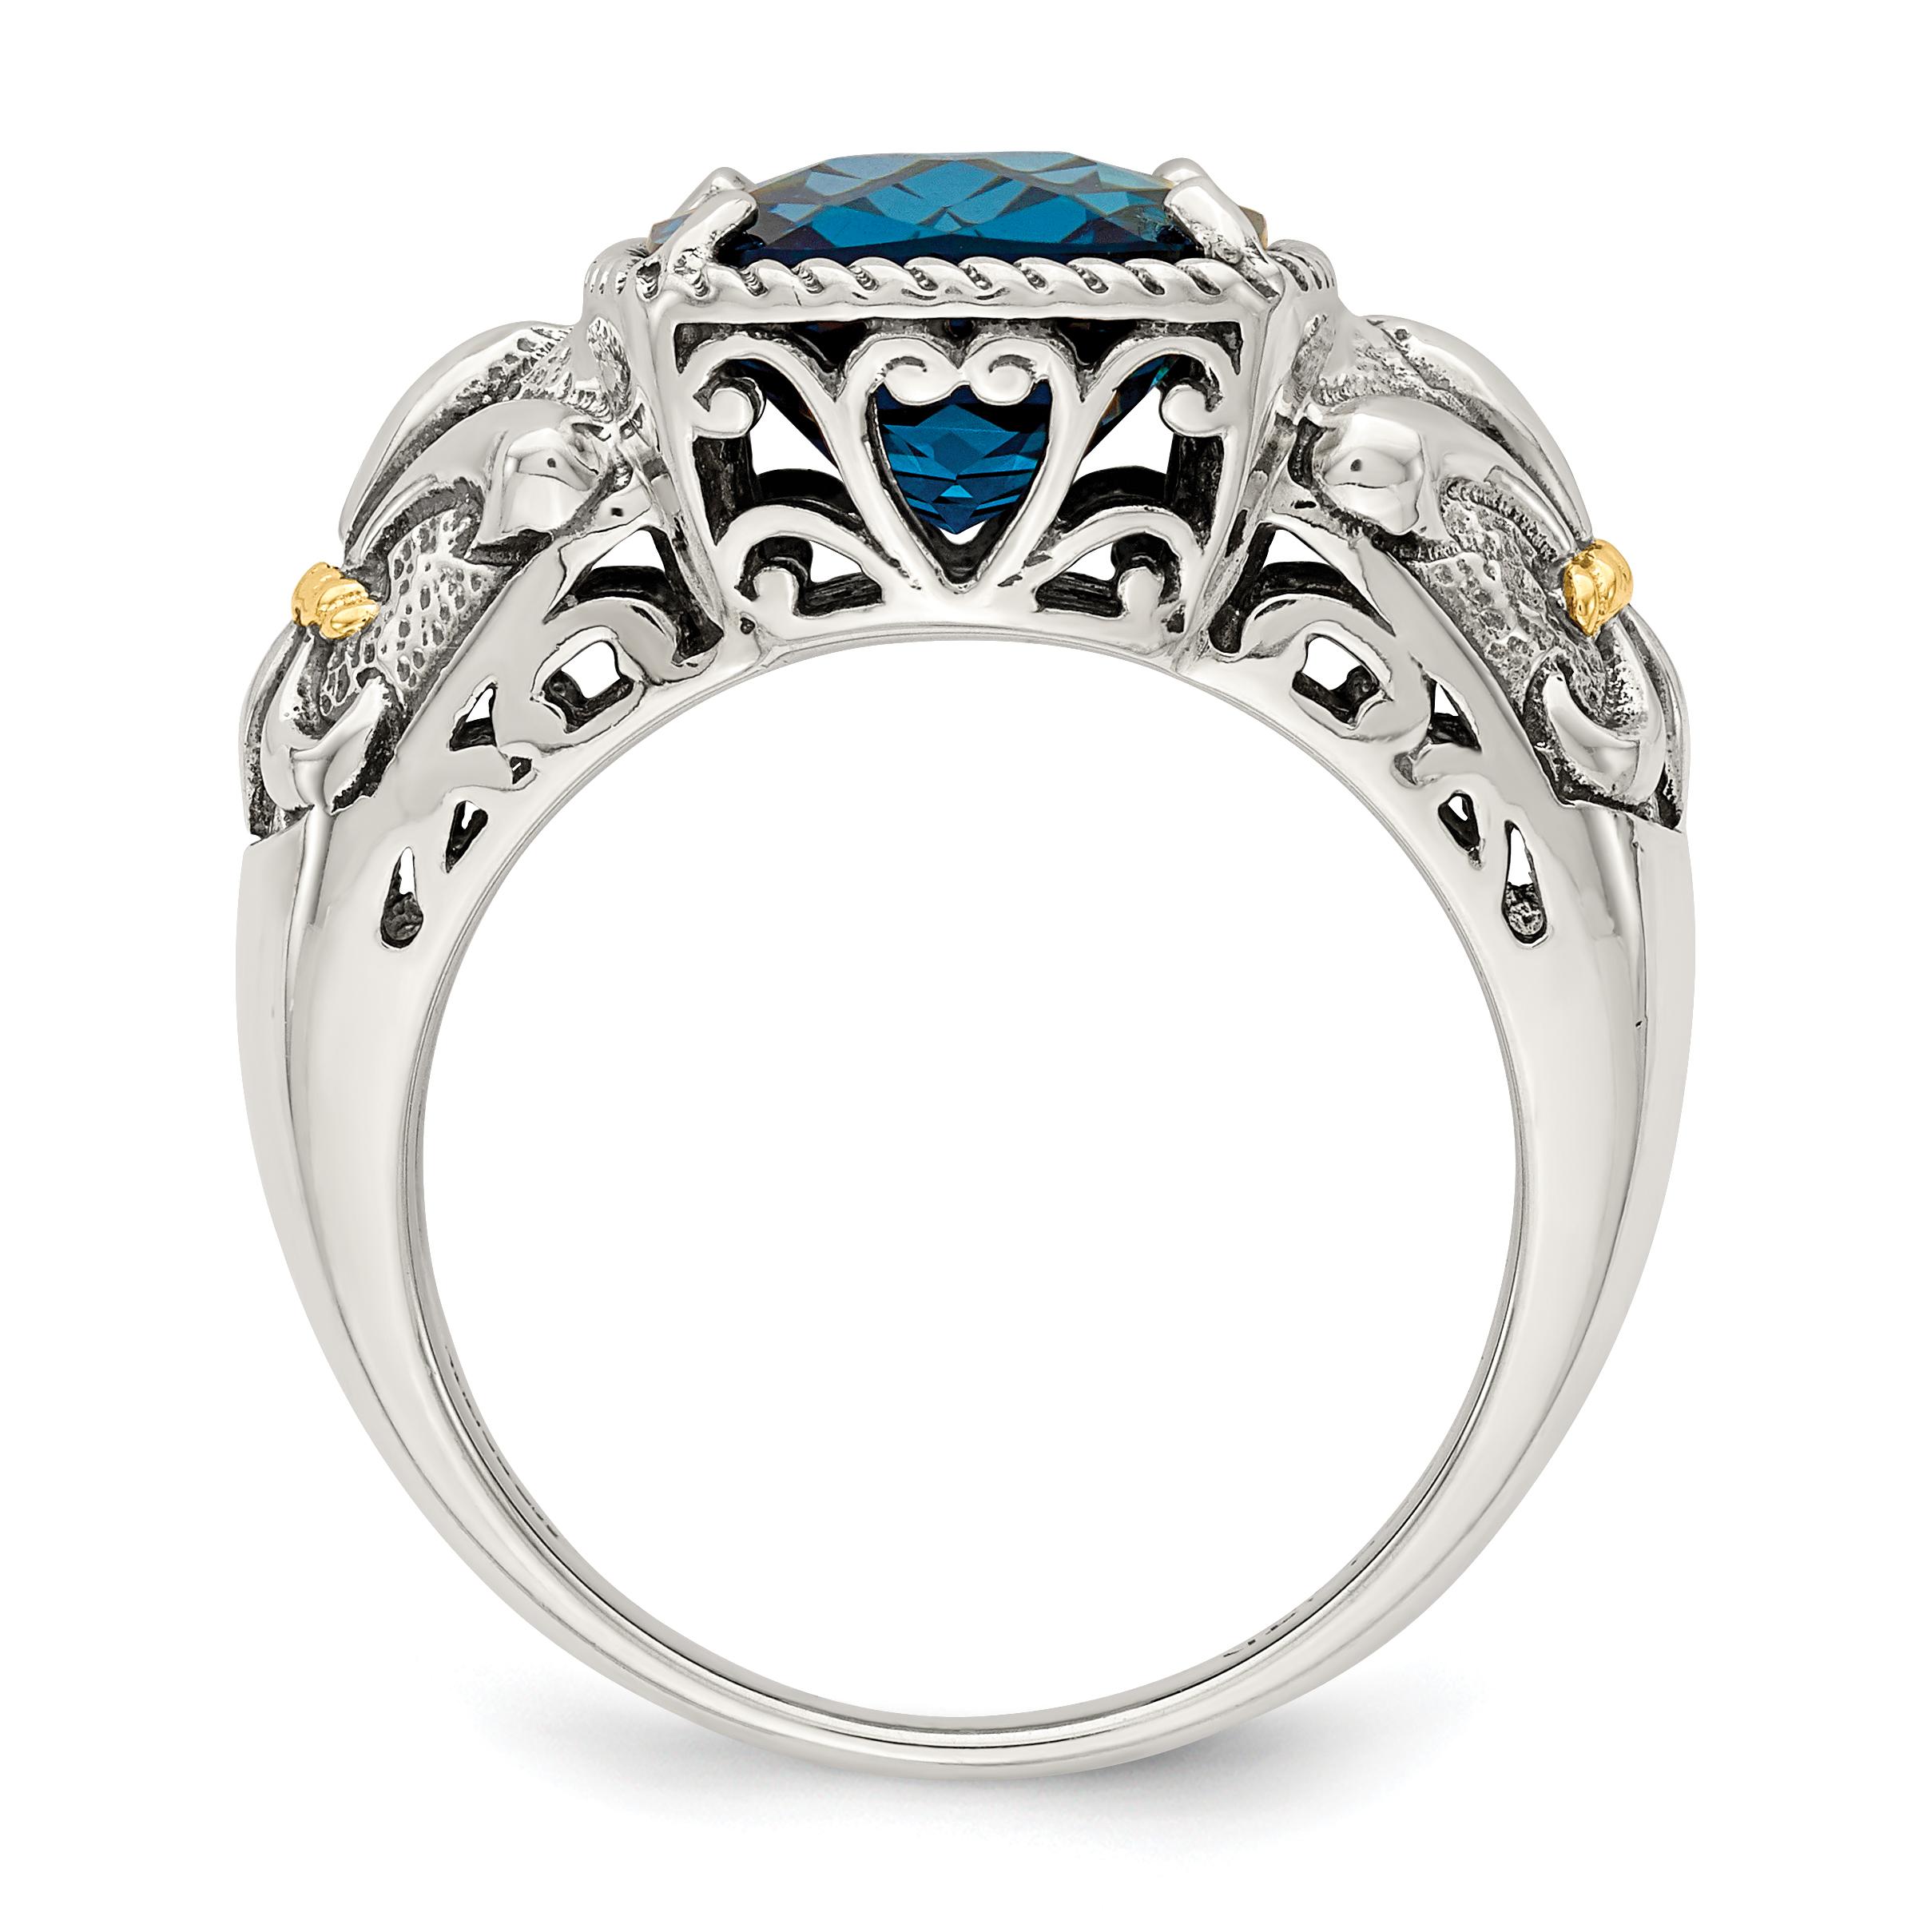 sterling silver w 14k gold london blue topaz ring ebay. Black Bedroom Furniture Sets. Home Design Ideas